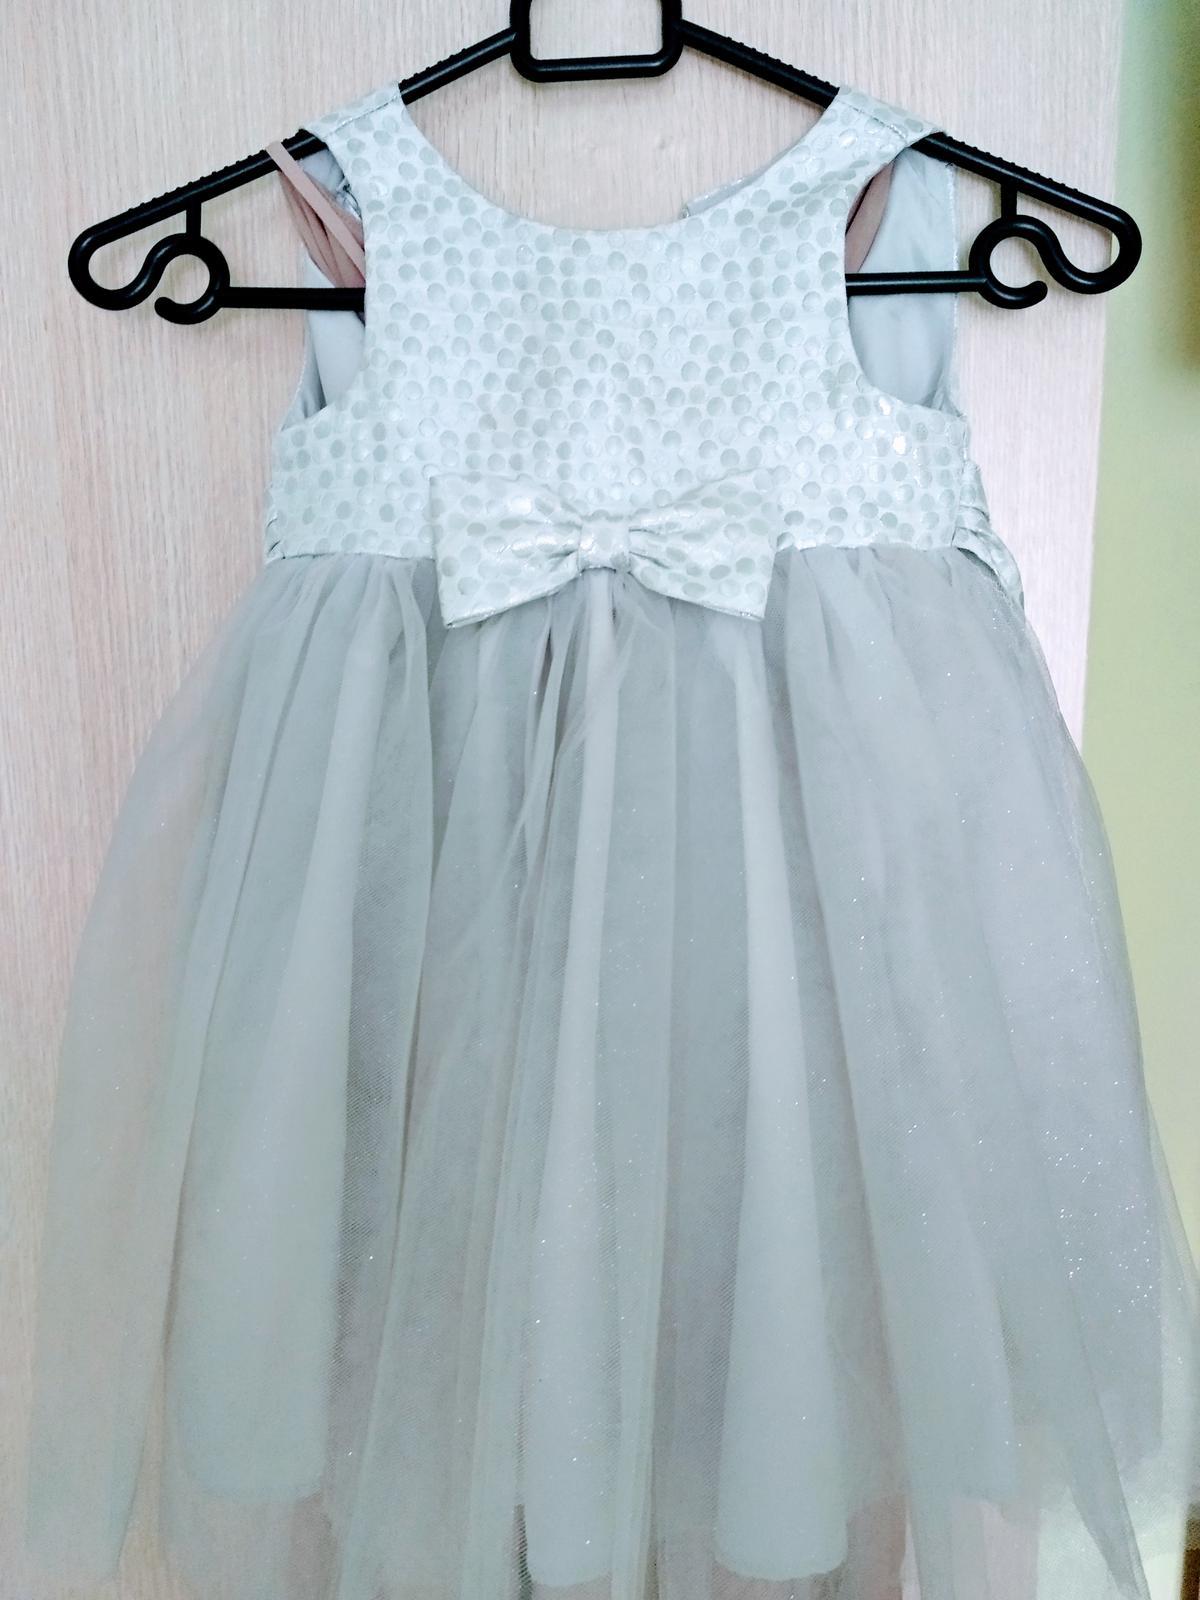 P&M prípravy - Šaty pre najmenšiu😊